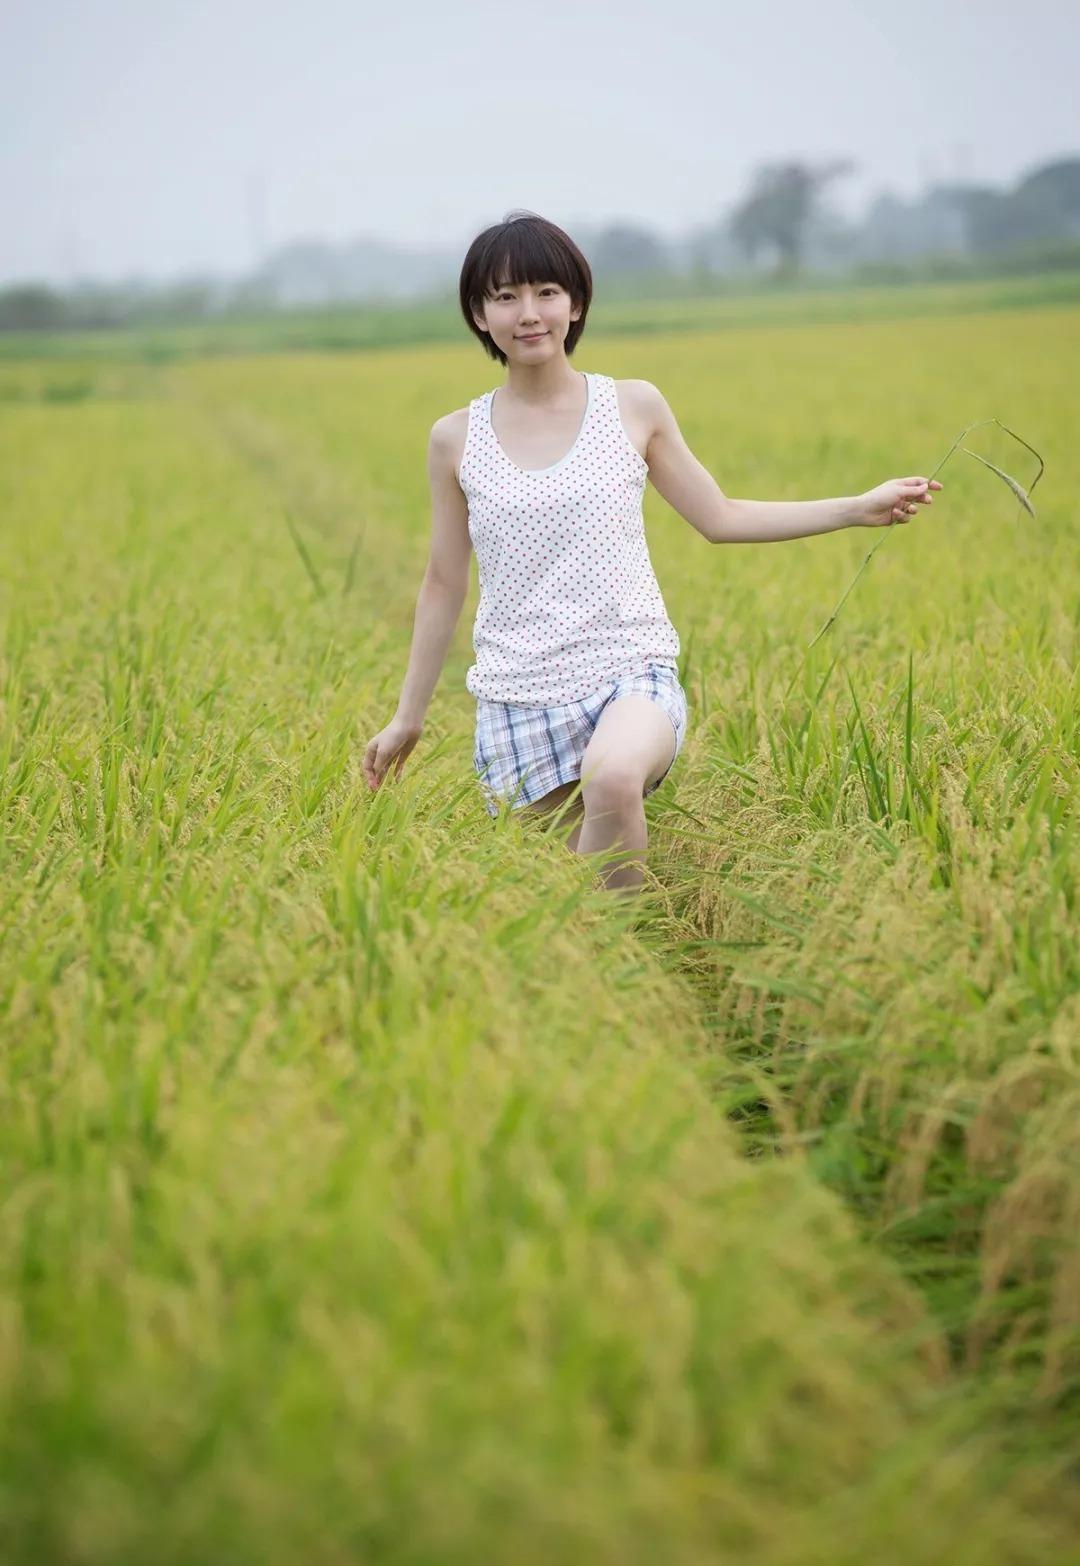 治愈系魔性之女吉冈里帆写真作品 (81)